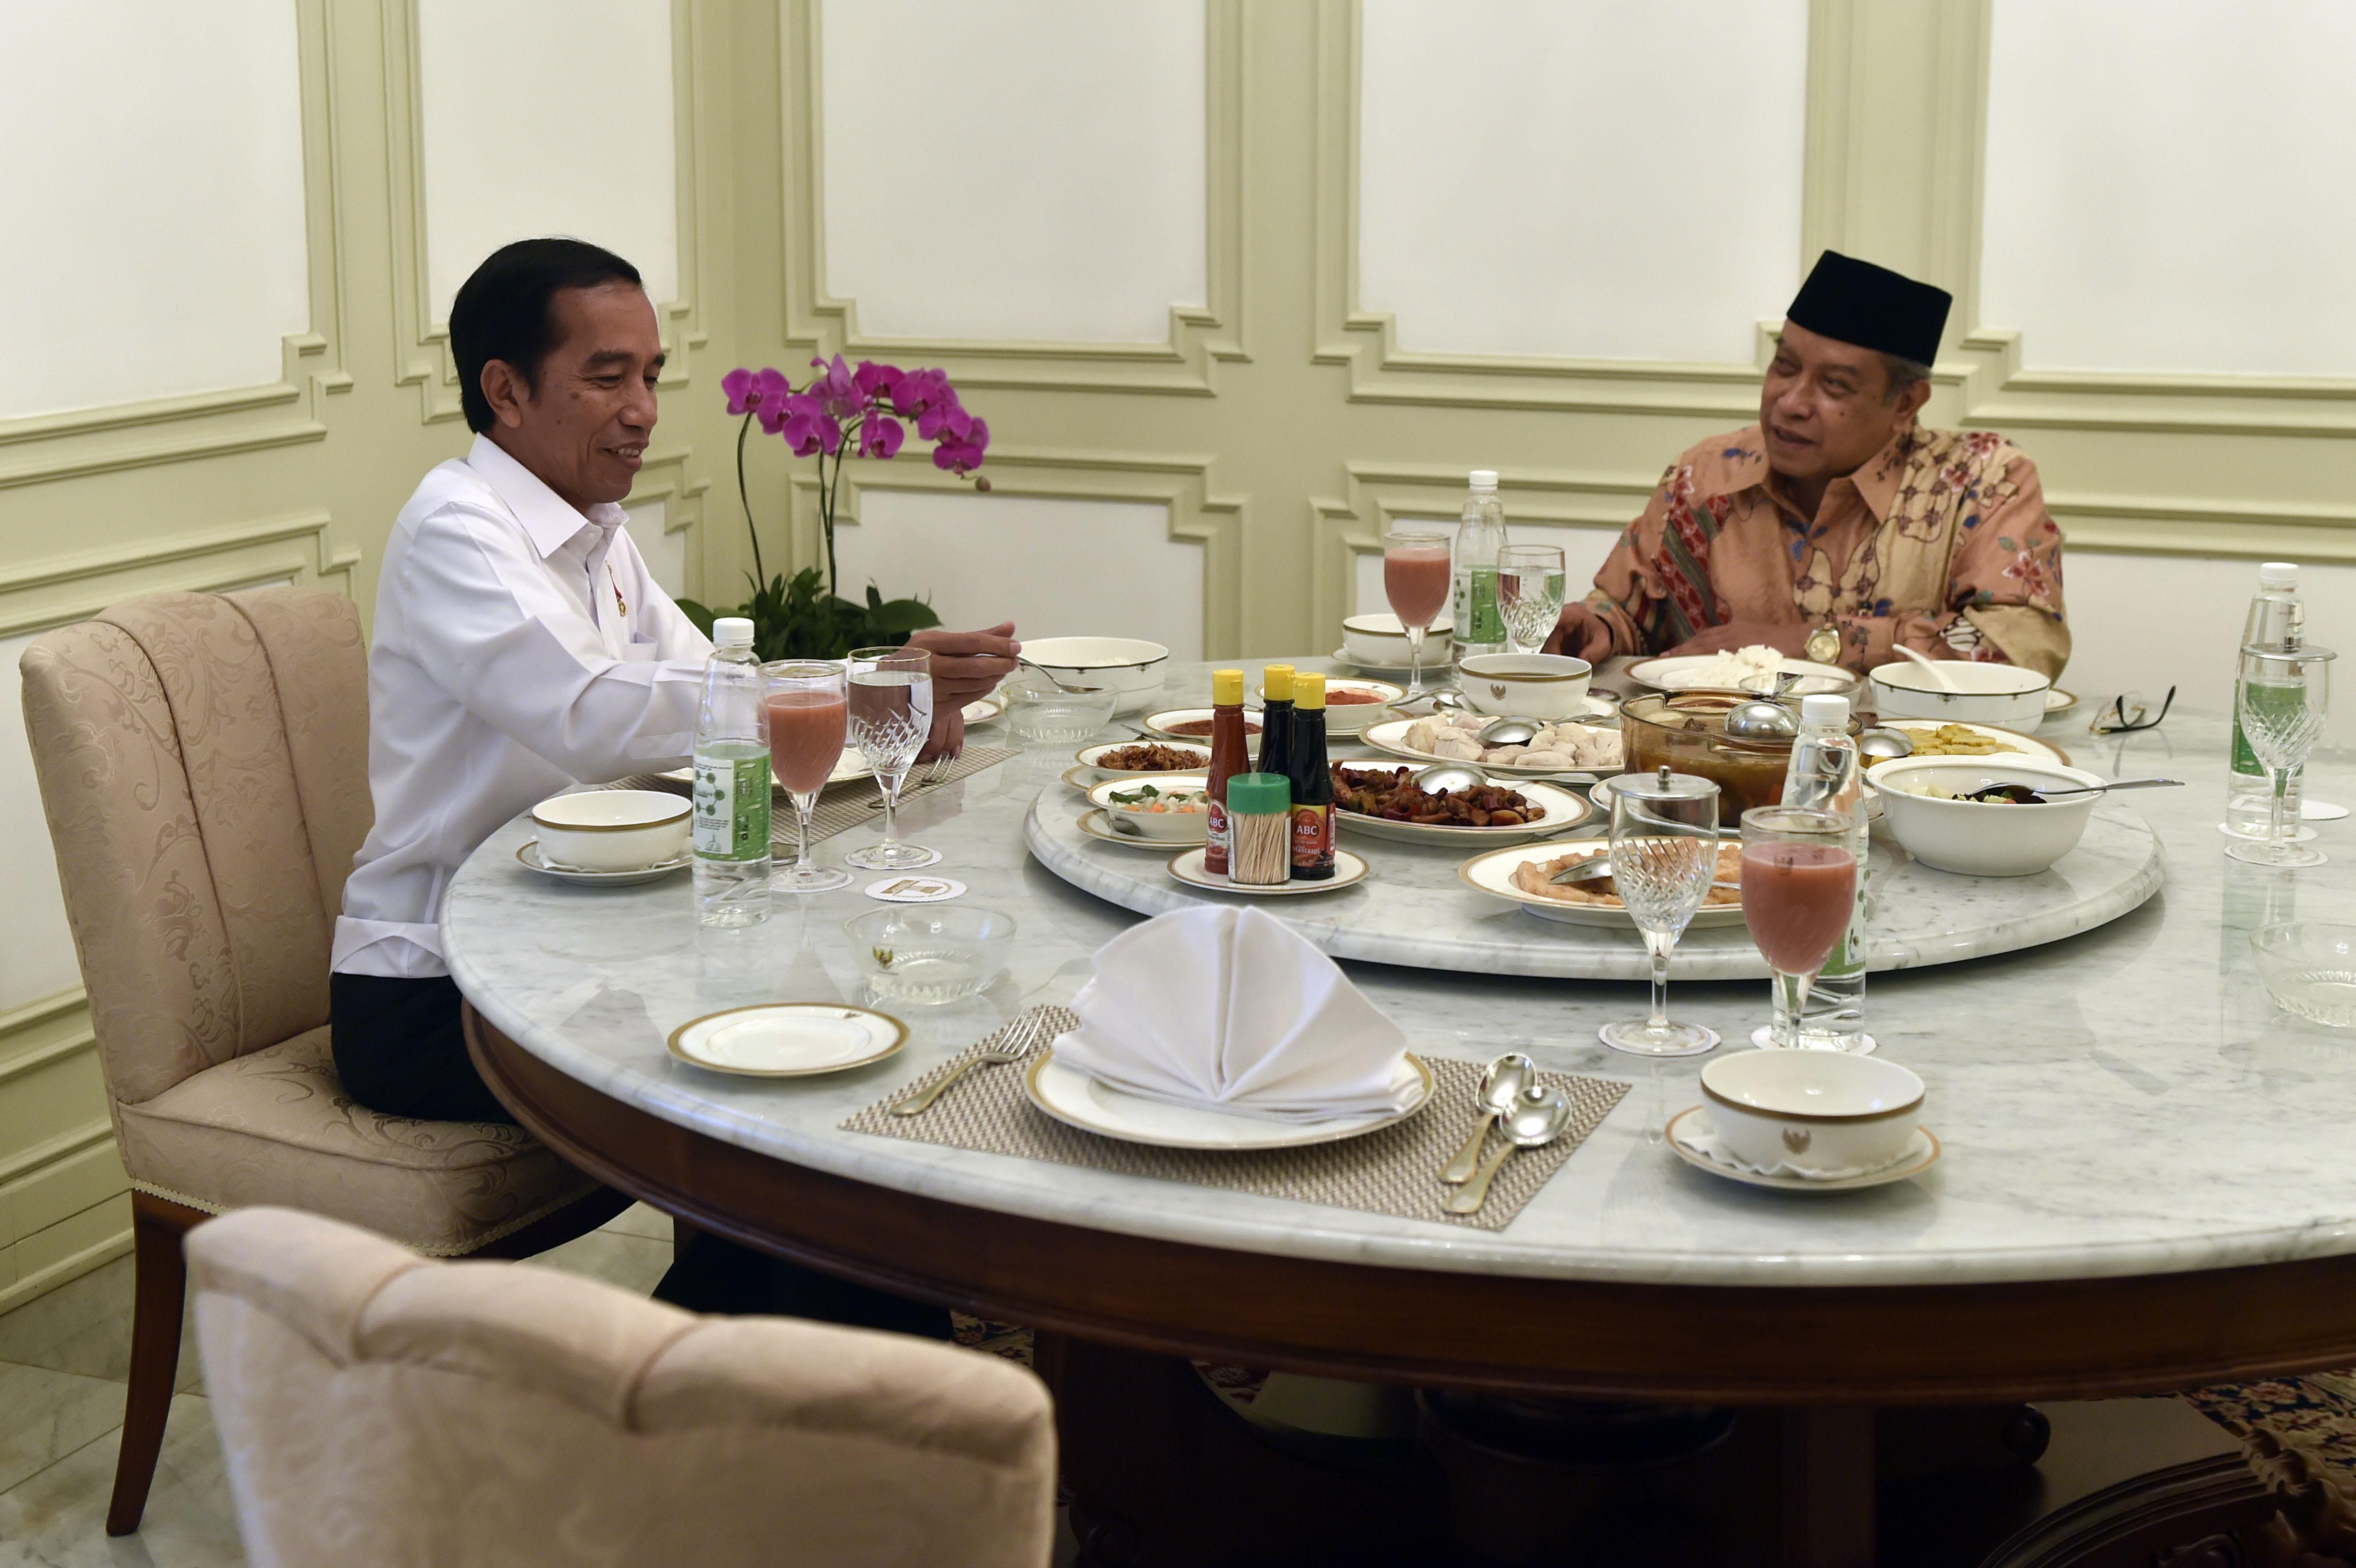 Presiden Joko WIdodo (kiri) makan siang bersama Ketua Umum PBNU Said Aqil Siradj di Istana Merdeka, Jakarta, Rabu (11/1). Pertemuan tersebut diantaranya membahas fenomena Islam radikal. ANTARA FOTO/Puspa Perwitasari/ama/17